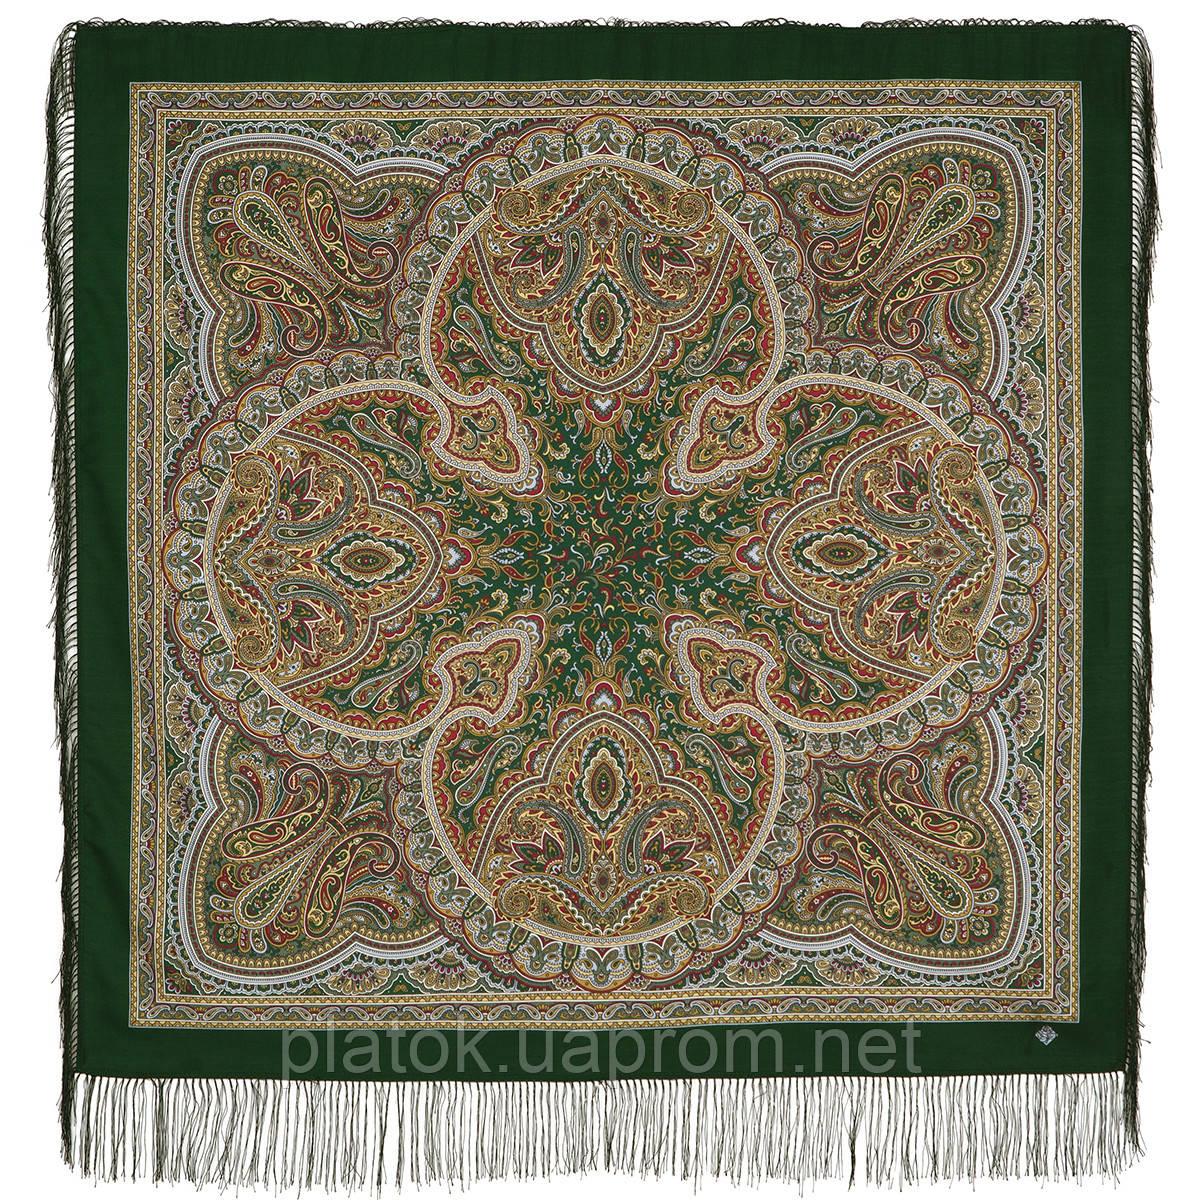 Узор дождя 1695-10, павлопосадский платок шерстяной (двуниточная шерсть) с шелковой бахромой